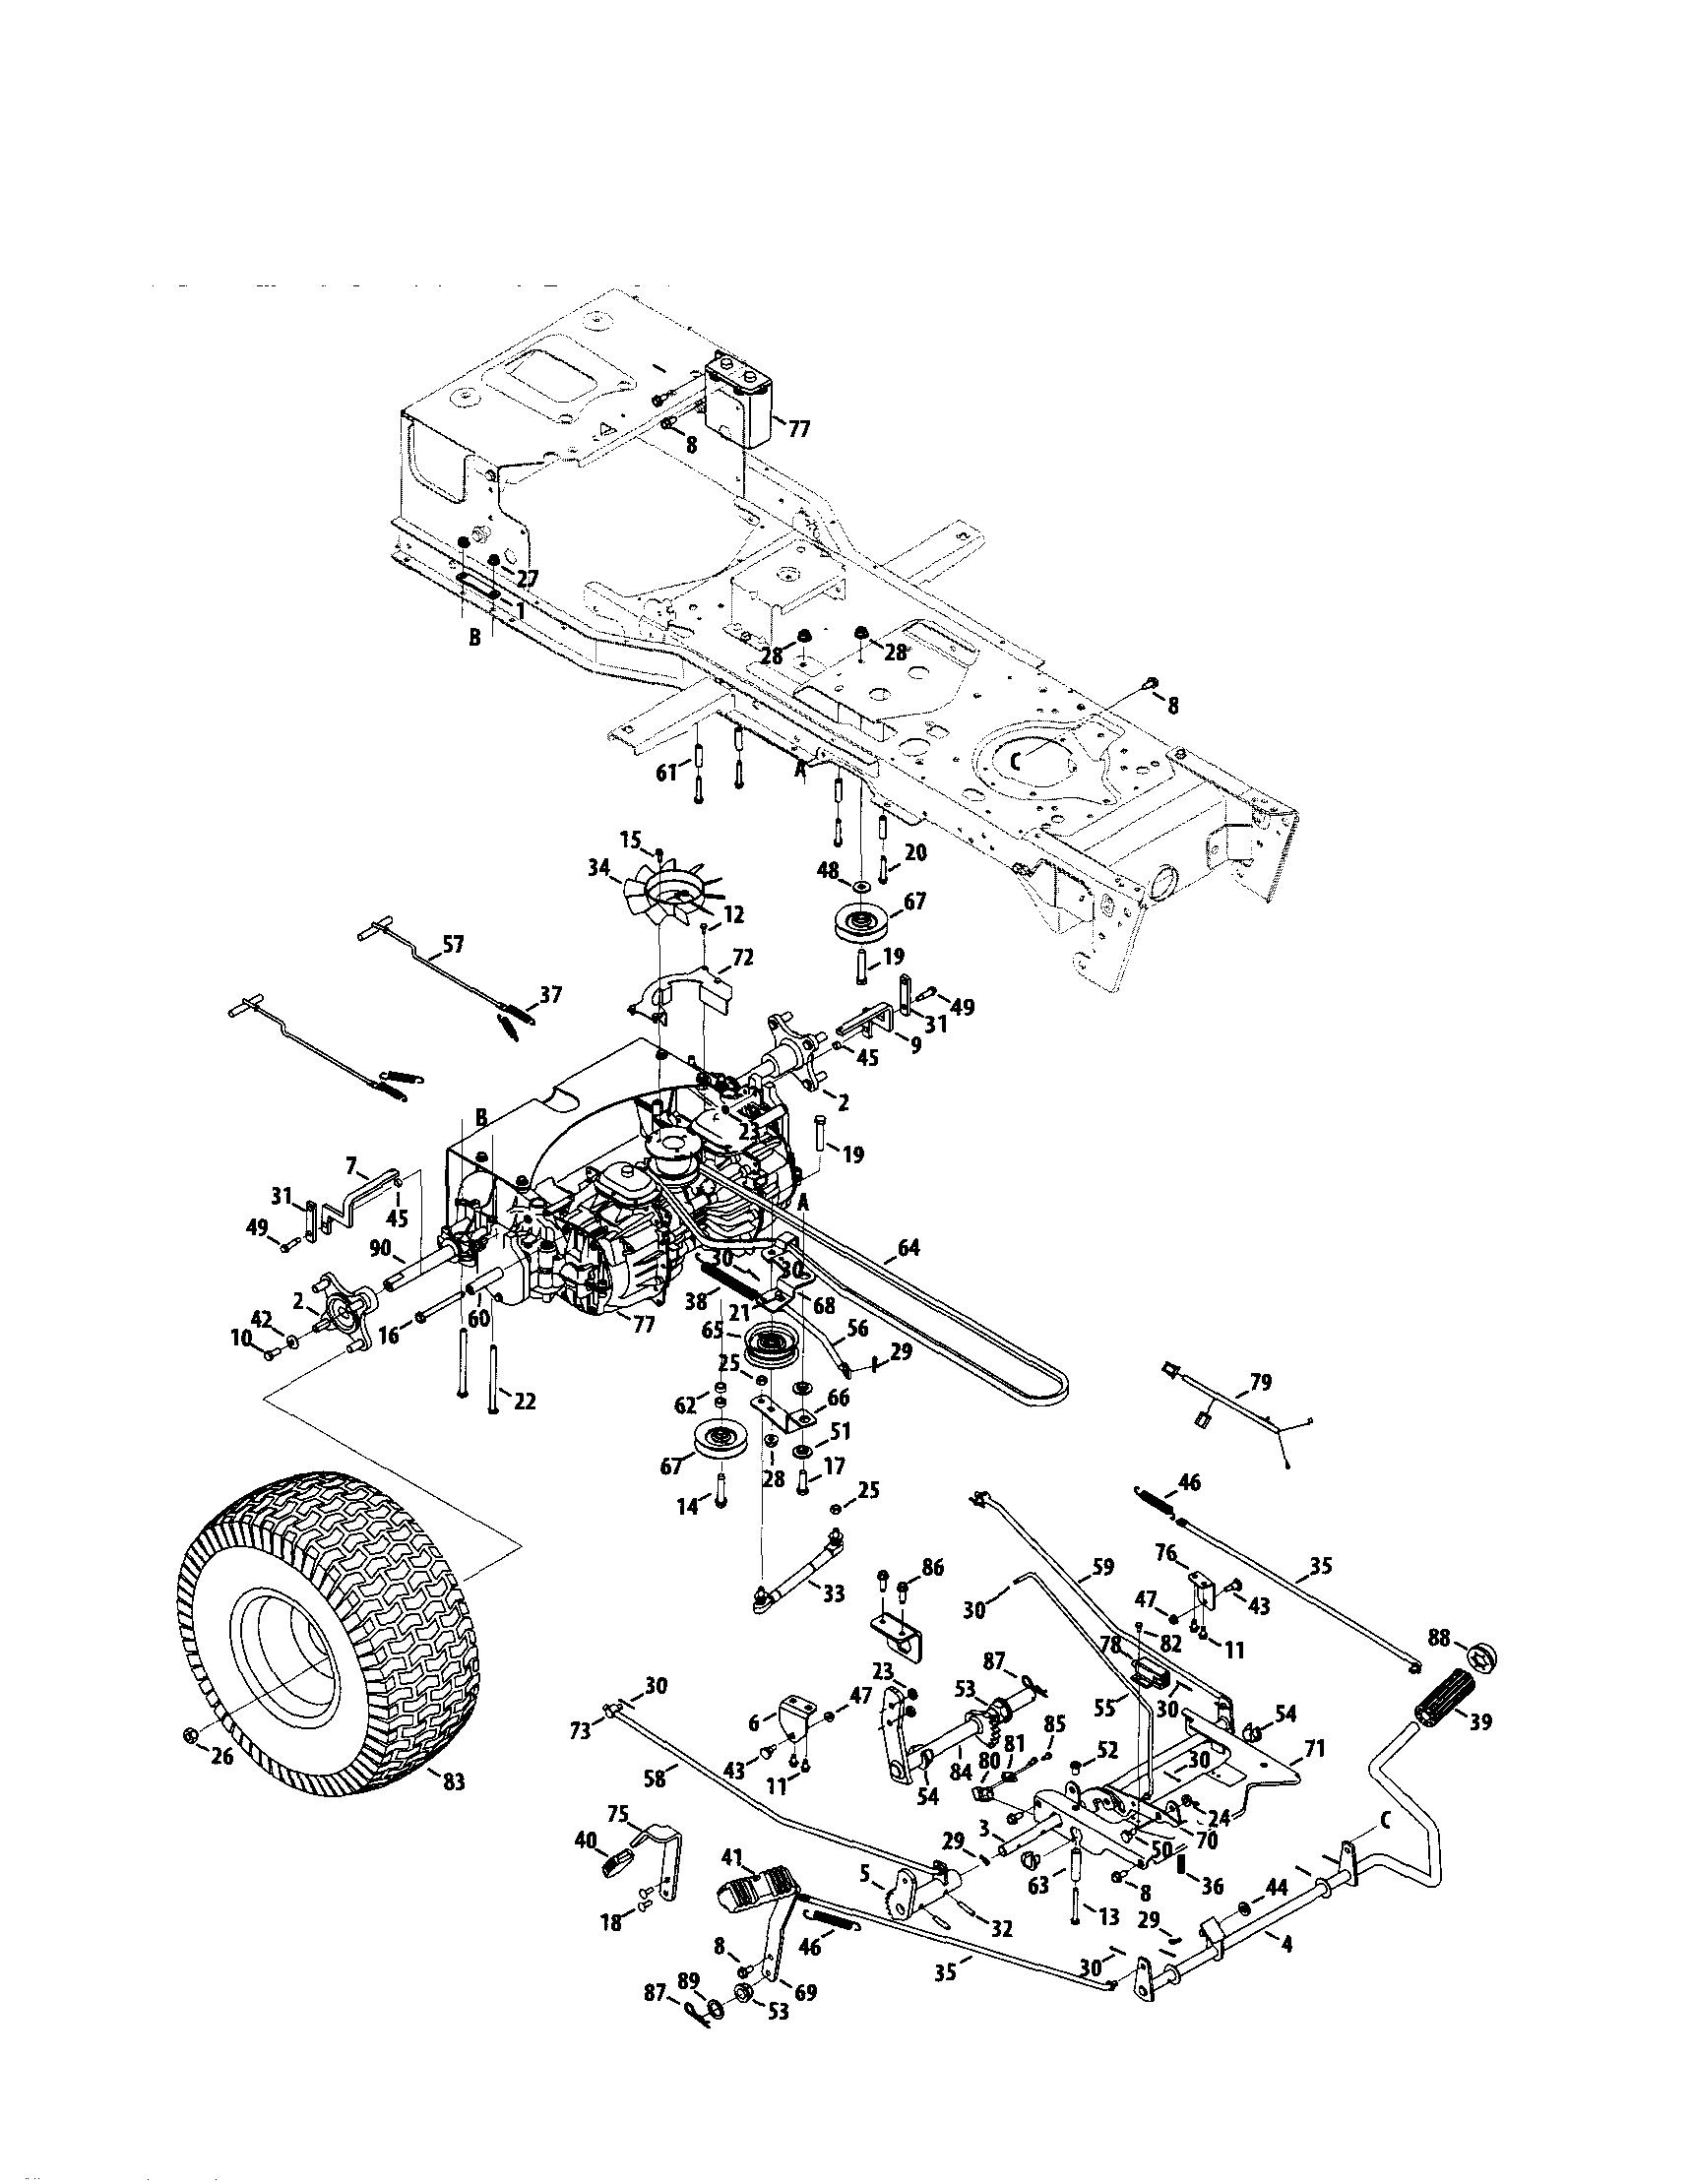 hight resolution of zero turn mower diagram wiring diagram third levelzero turn mower diagram simple wiring diagram husqvarna zero